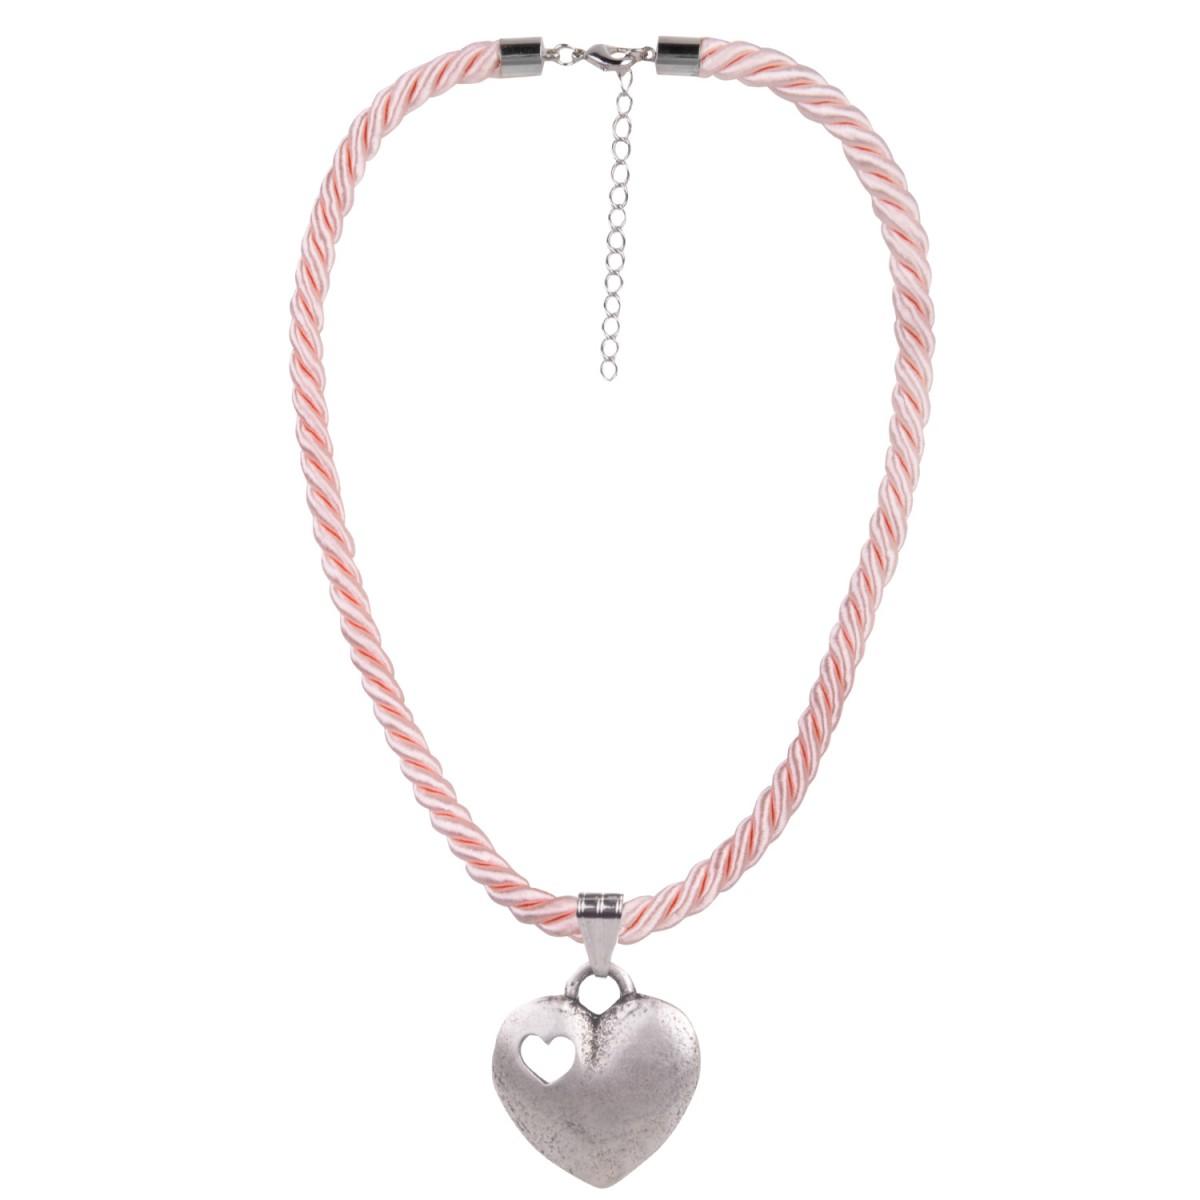 Kordelkette in Rosa mit Herzanhänger von Schlick Accessoires günstig online kaufen